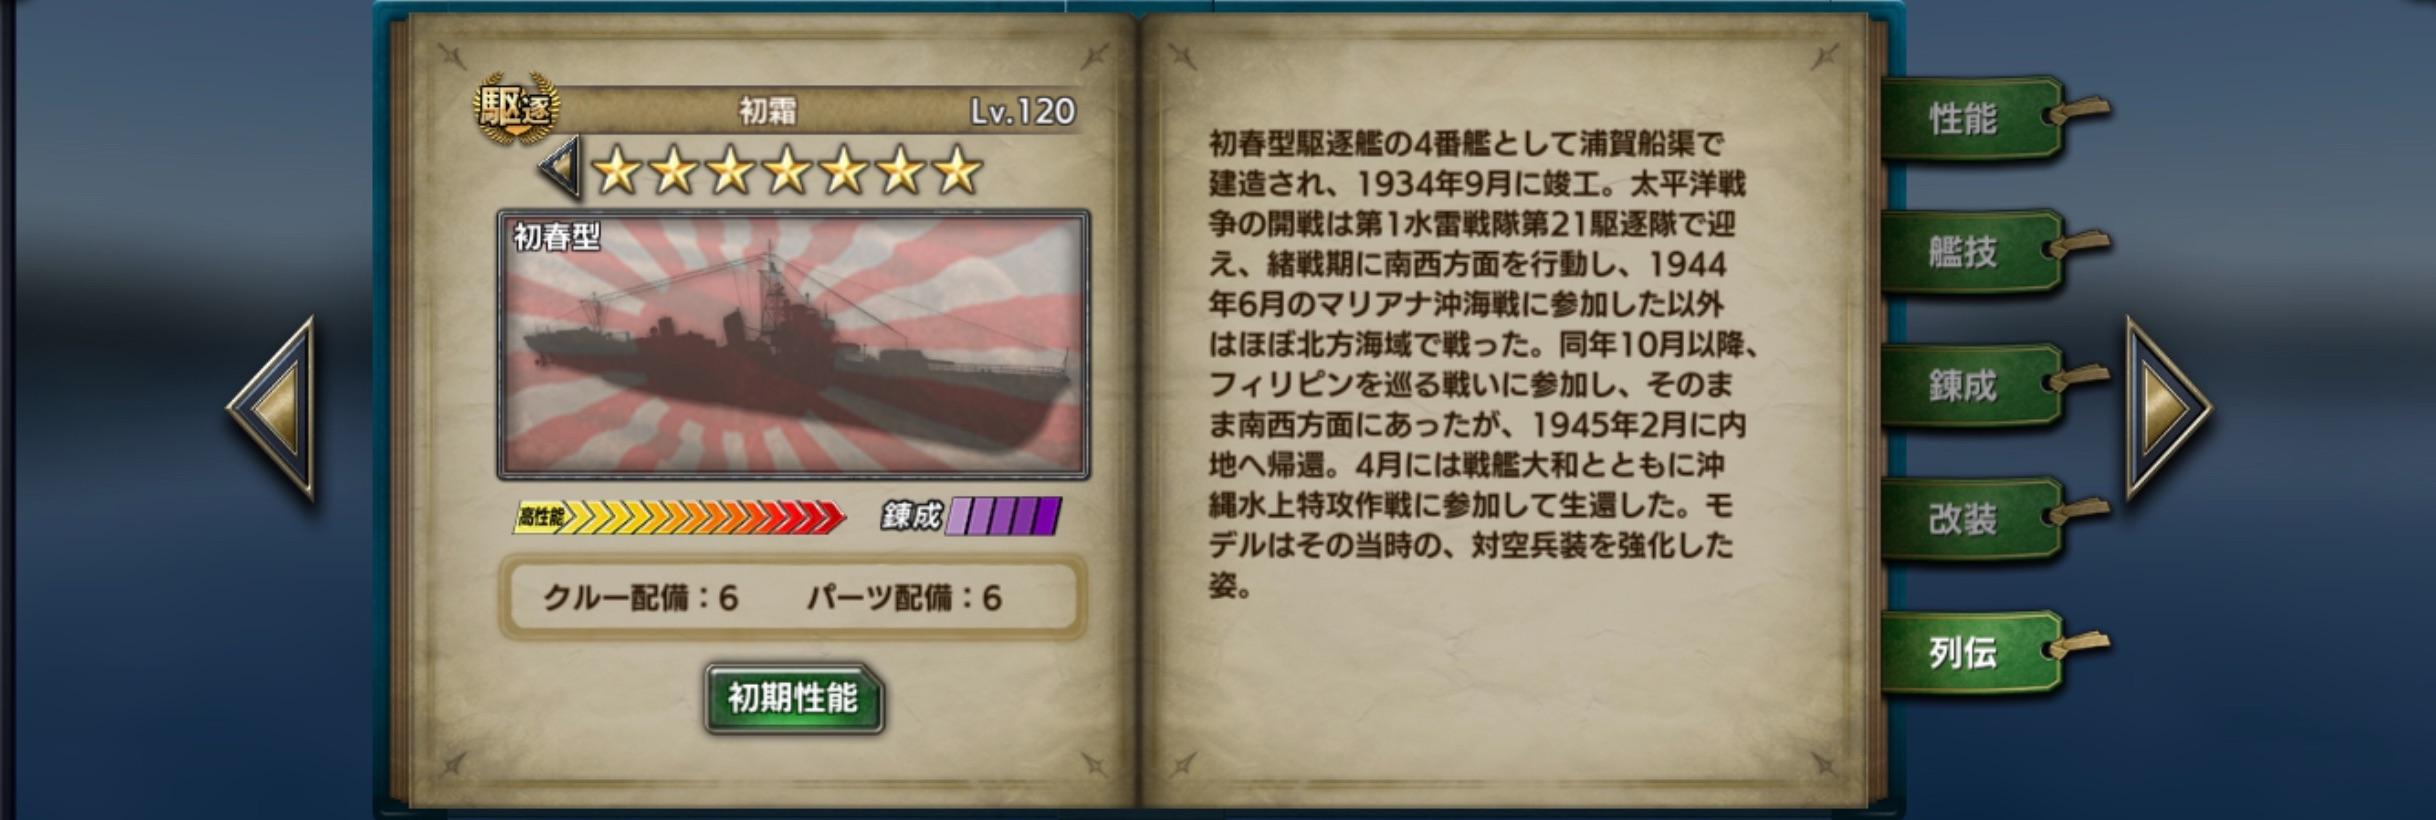 hatsushimo-history